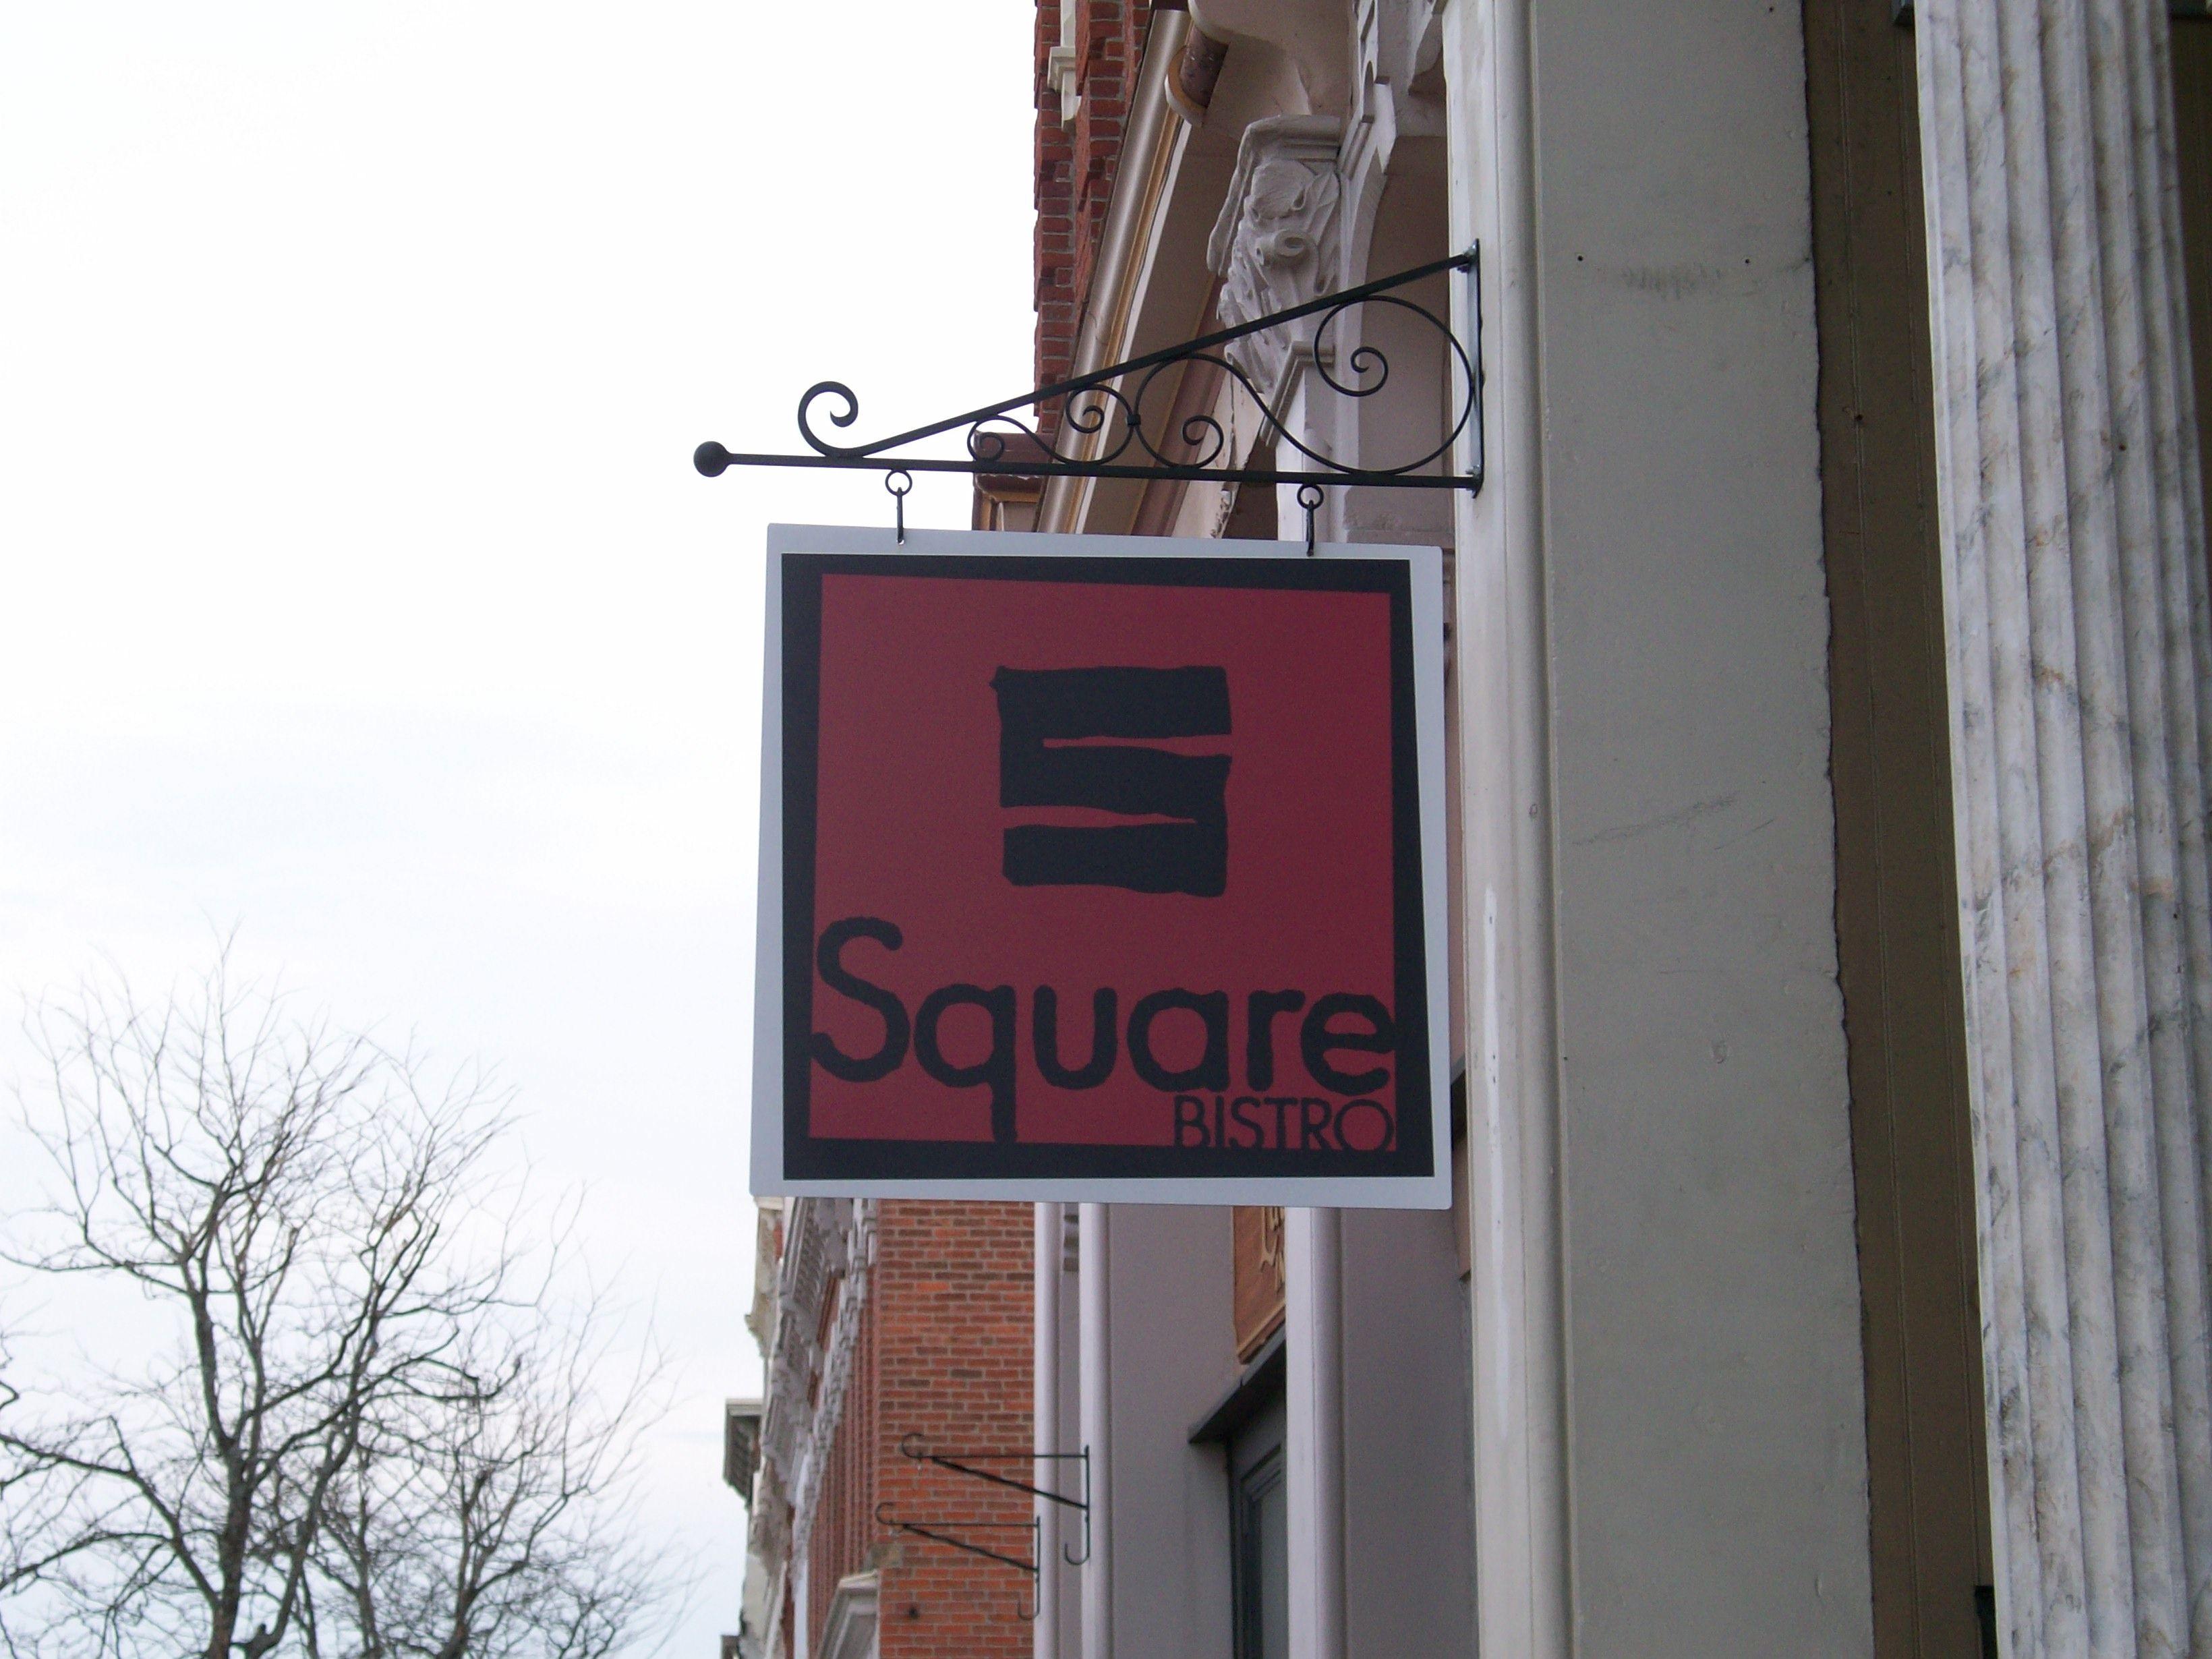 The Square Bistro